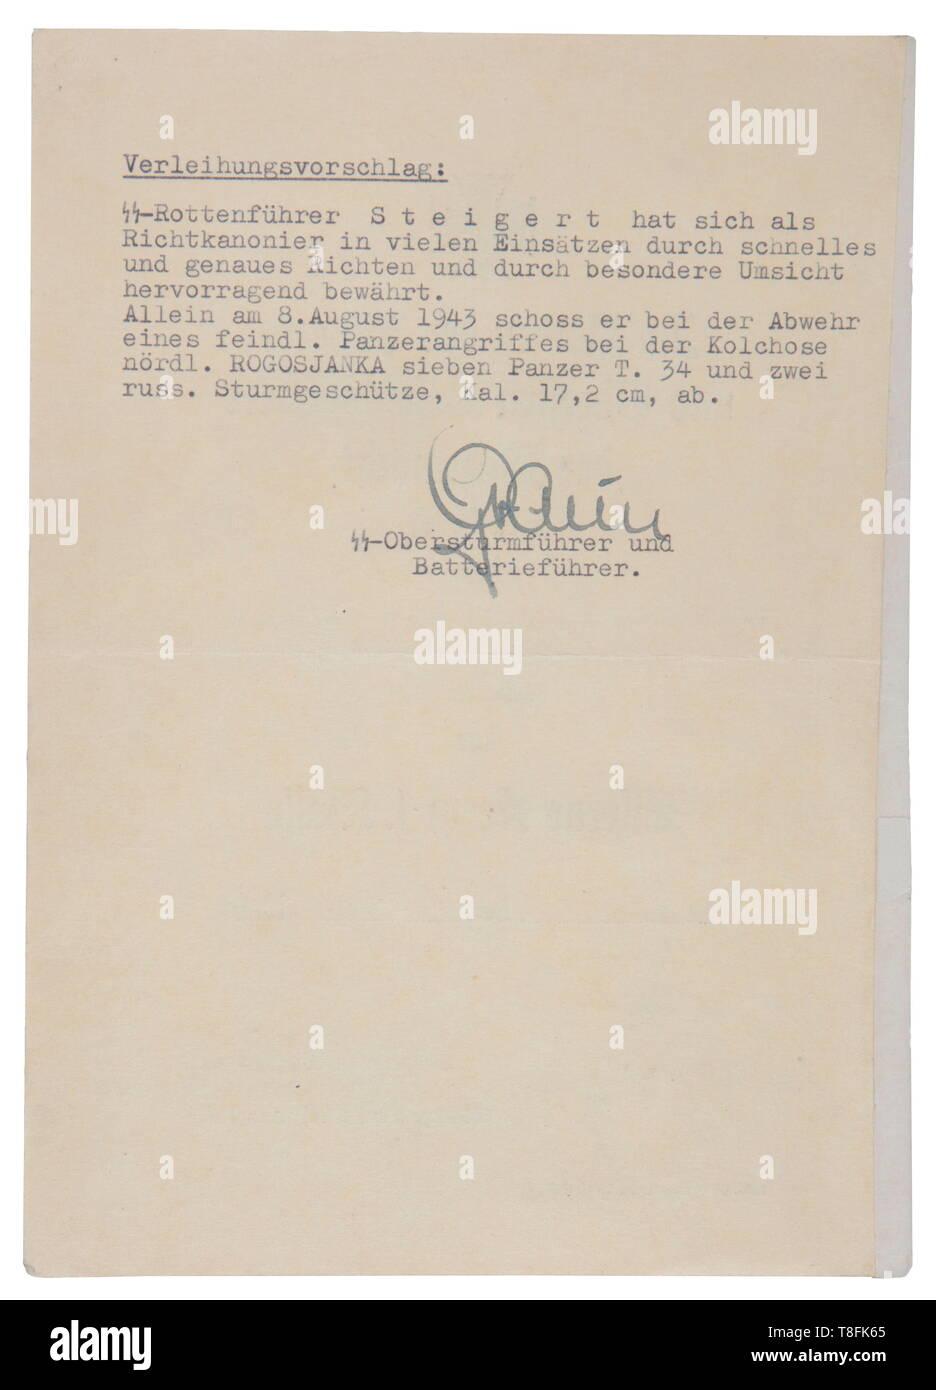 """Un fusil de asalto SS Heinrich Steigert agrupamiento de documentos, que consta de 5 diplomas y 3 fotos Cruz de Hierro de 1ª clase documento 'SS-Rottenführer Heinrich Steigert, - GEB 26.4.22-, 1./SS-Sturmgeschütz-Abteilung 'Das Reich', de fecha """"19.Aug.1943', firmada a mano por el Gruppenführer u. Generalleutnant de las Waffen-SS Walter Krüger, escrito en el reverso, la adjudicación propuesta afirmando que Steigert derribó 7 Russ del siglo XX, sólo Editorial-Use Foto de stock"""